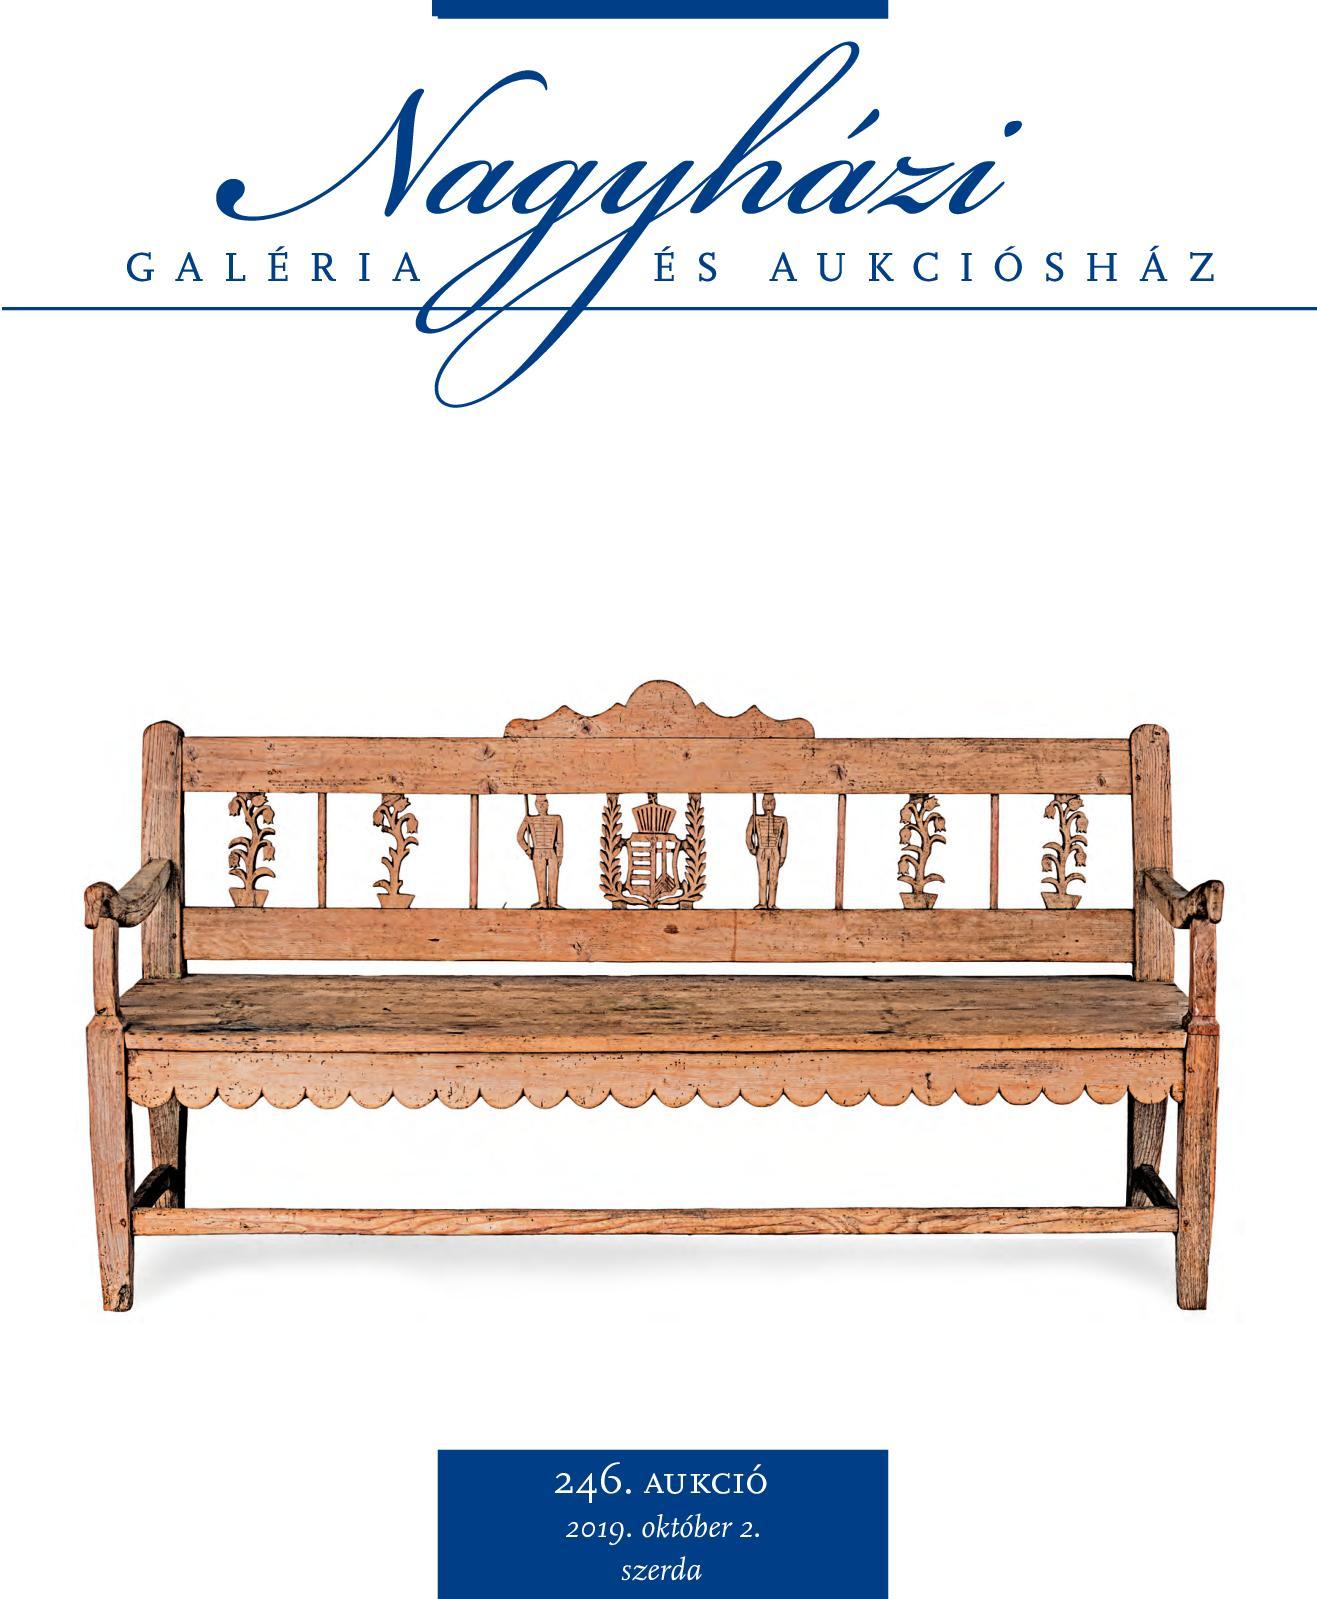 Nagyházi Galéria és Aukciósház - 246. aukció